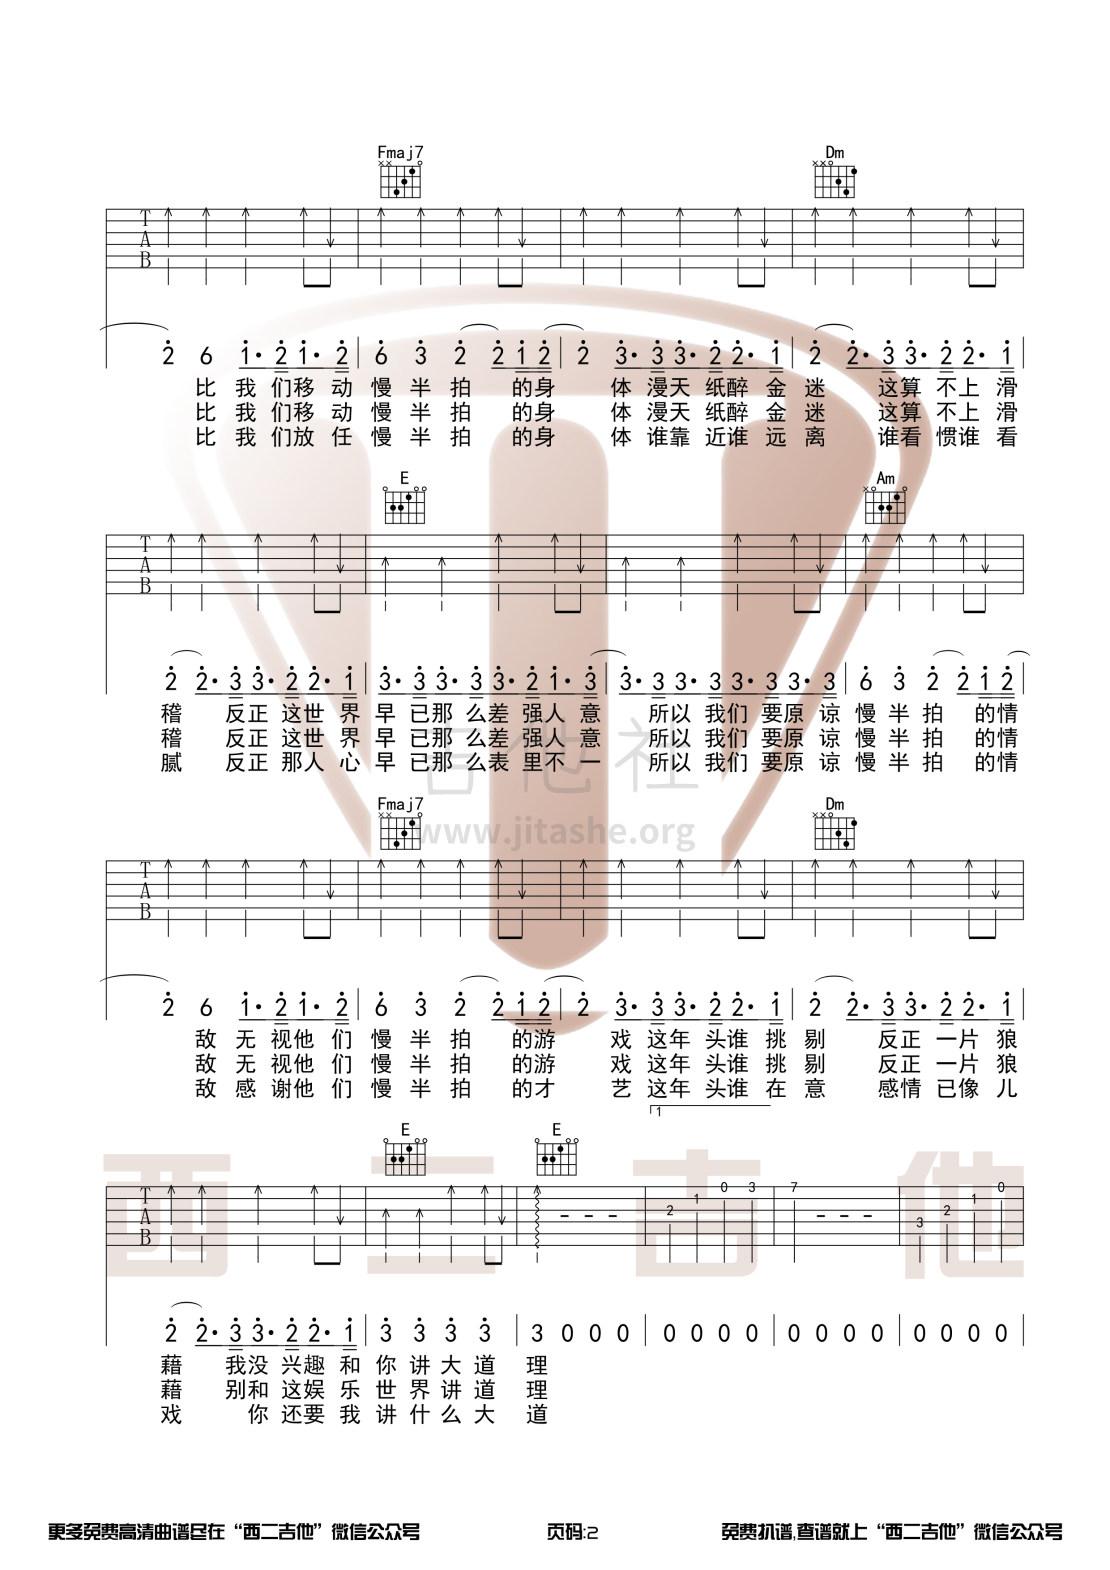 慢半拍(西二吉他)吉他谱(图片谱,弹唱,G调)_薛之谦_慢半拍2.jpg